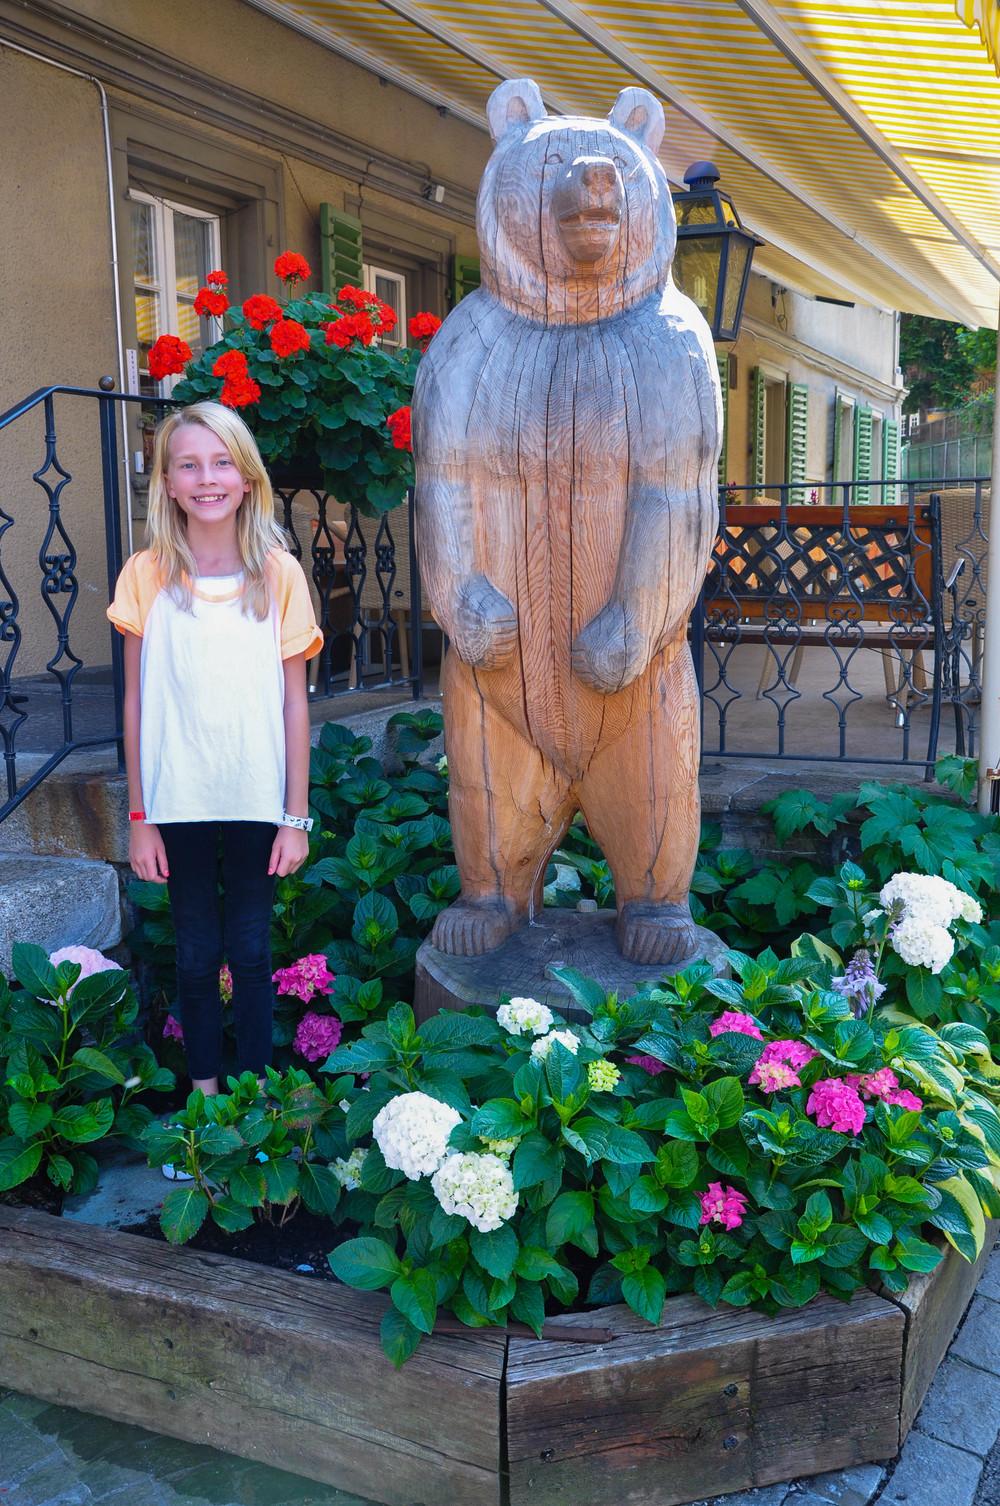 The Girl in front of Hotel Baeren  ©Copyright 2015Bridget Barnes